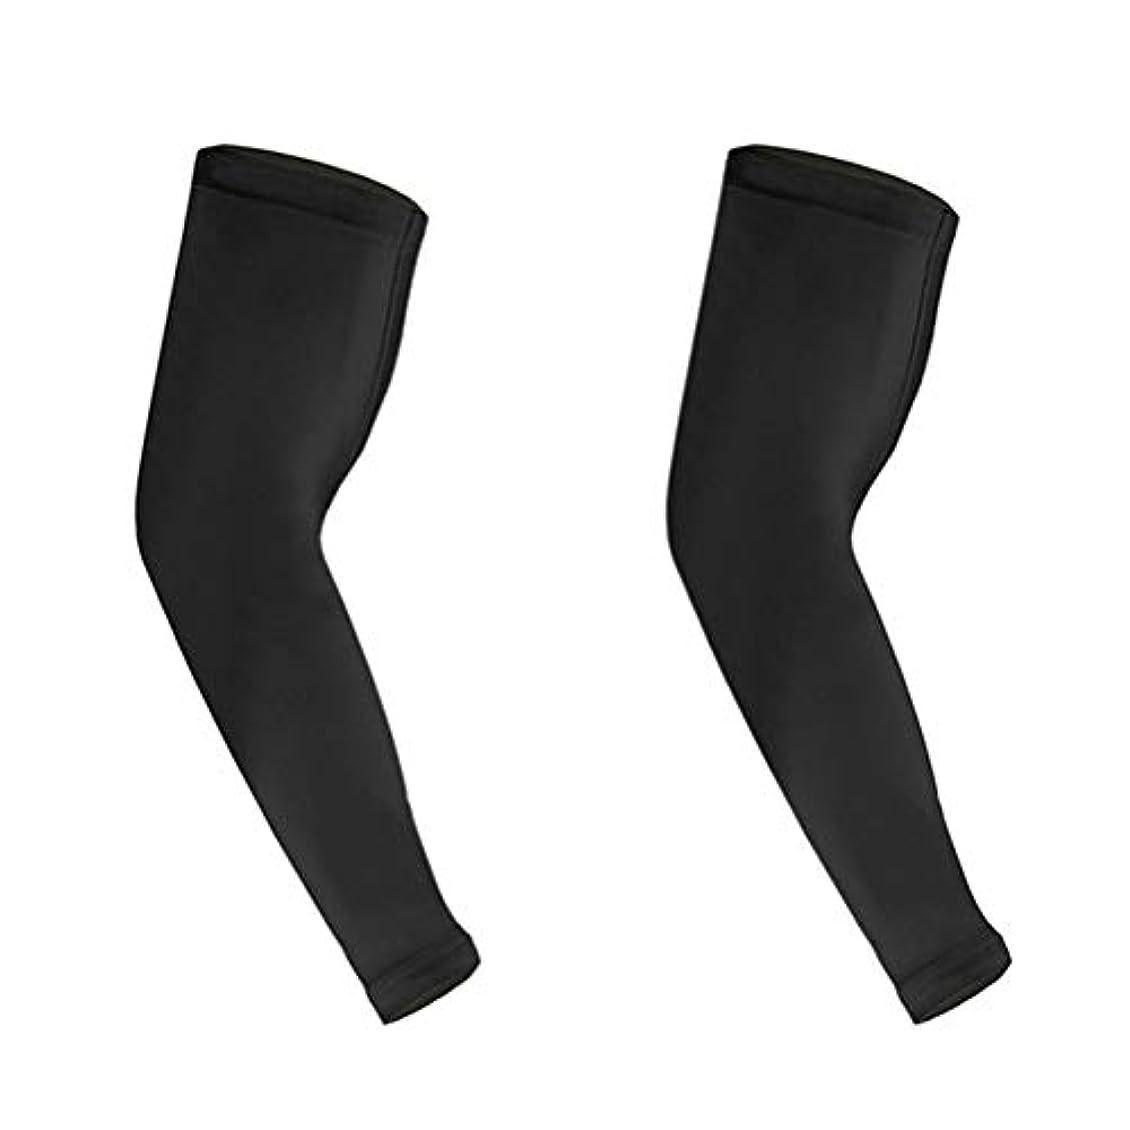 連鎖超高層ビル奨学金HEALIFTY 男性用スポーツアームスリーブ肘袖ロング肘サポートスリーブM 2本(ブラック)